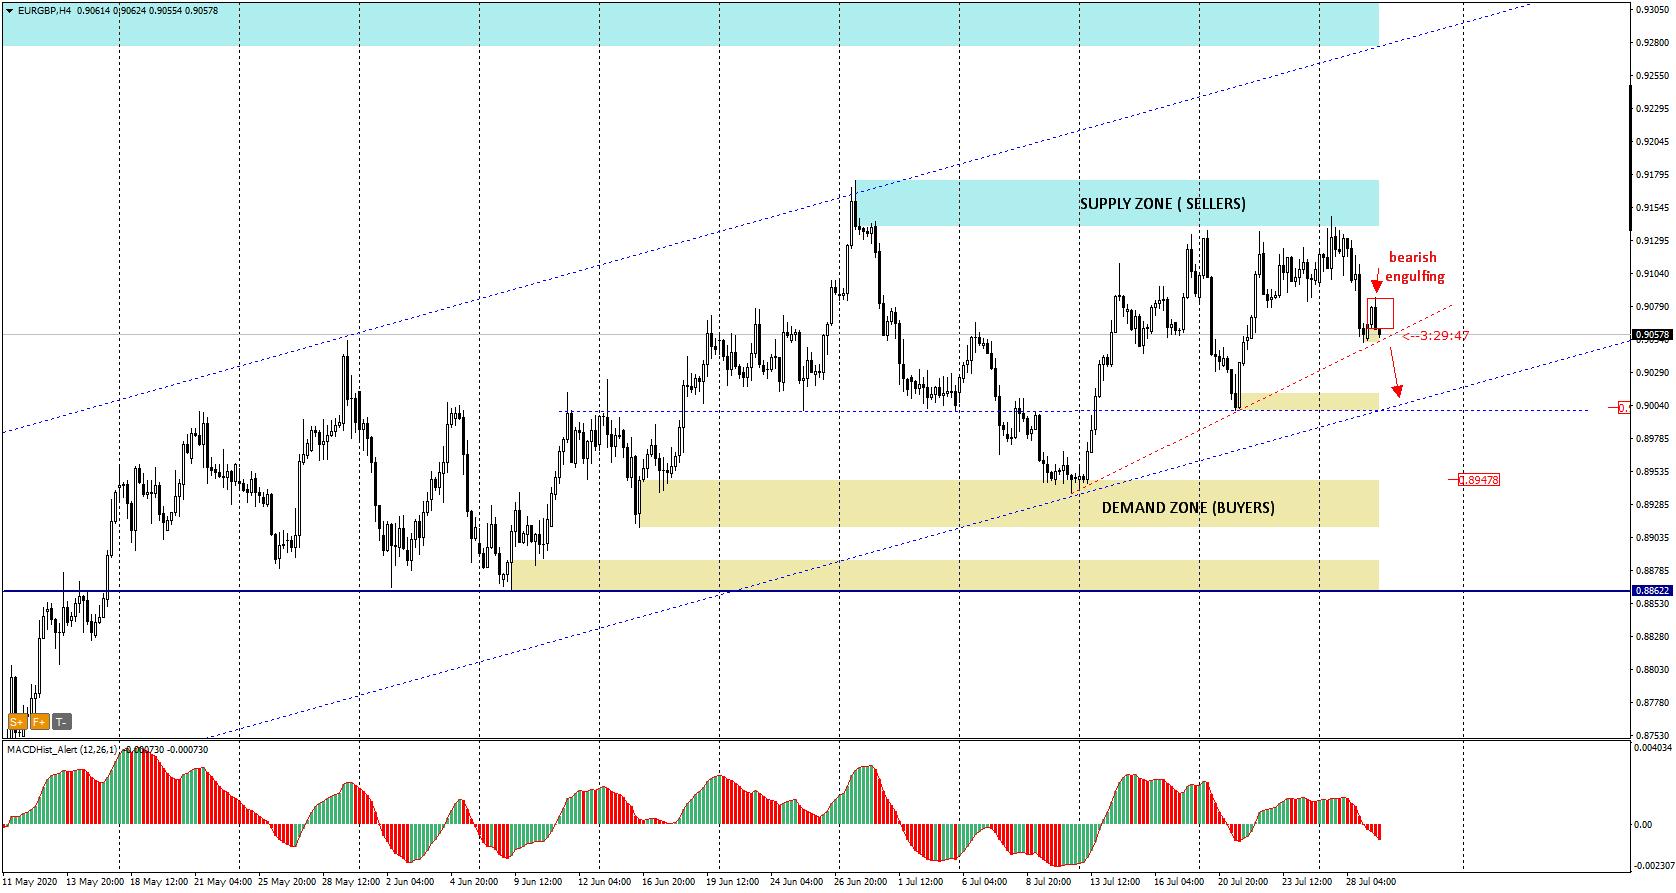 EUR/GBP H4